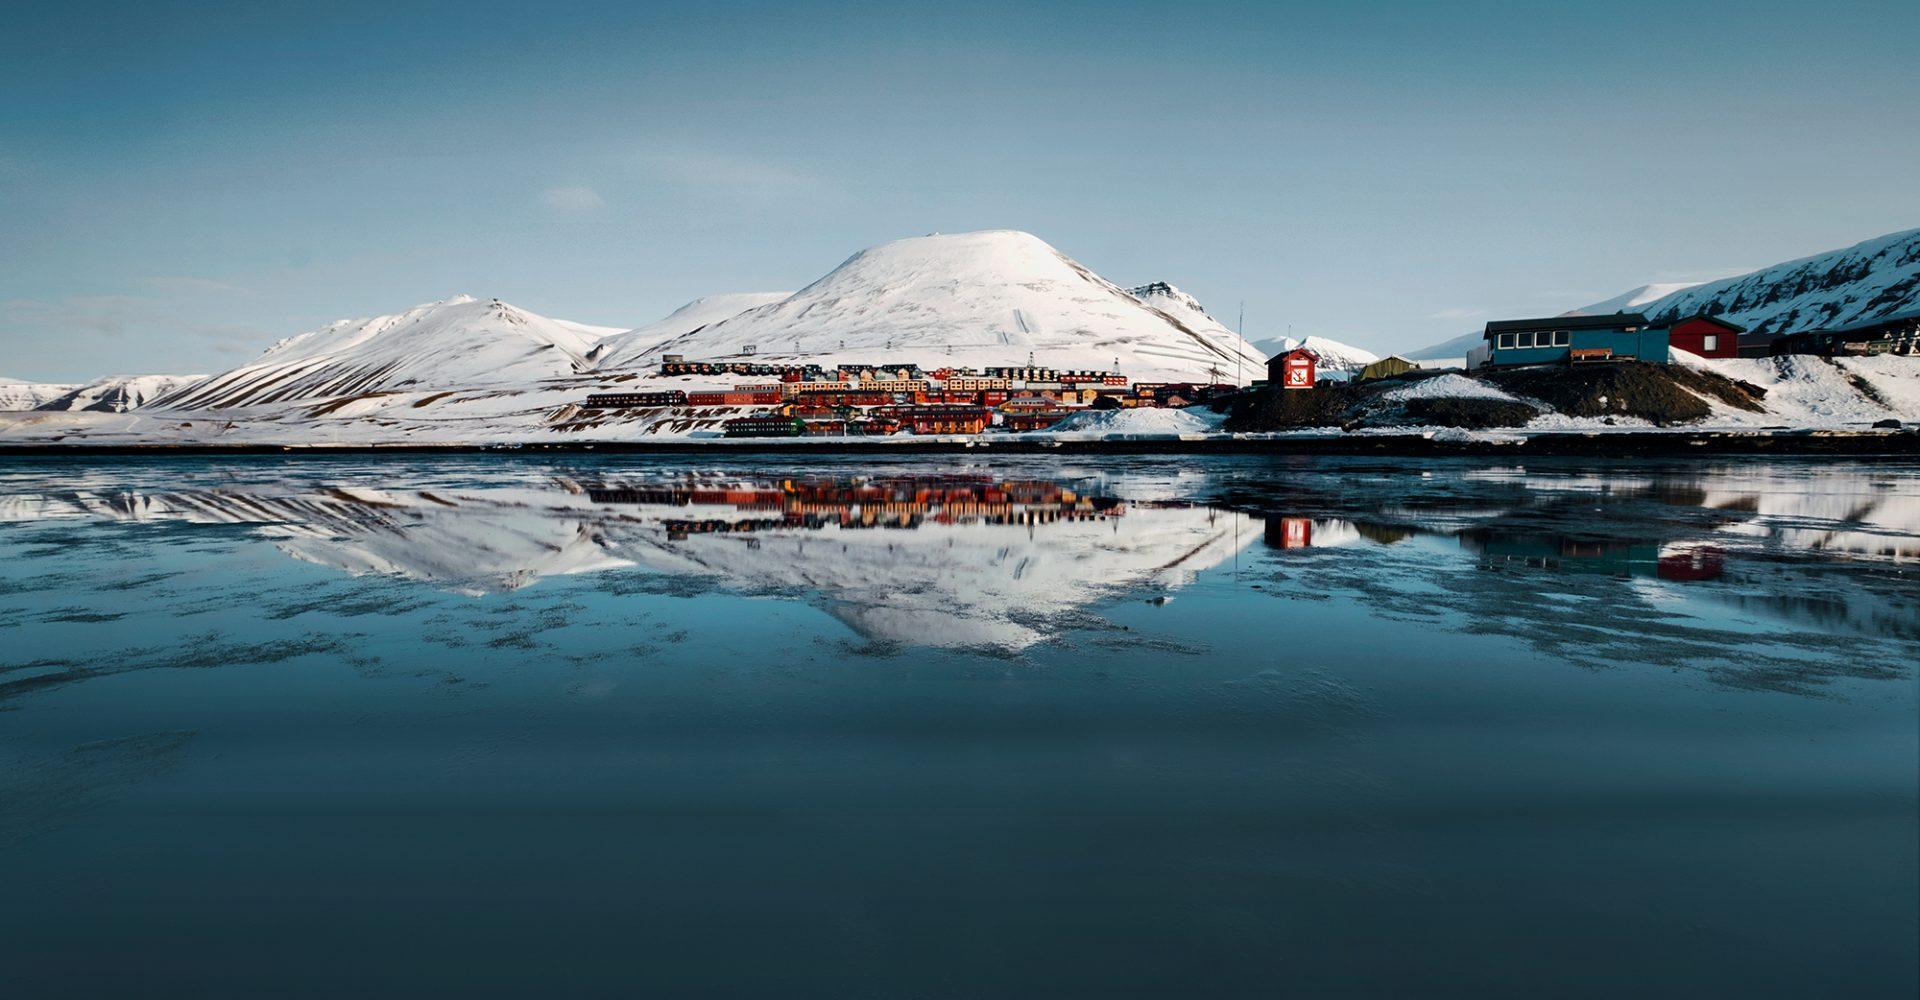 Longyearbyen Water Reflection in Svalbard